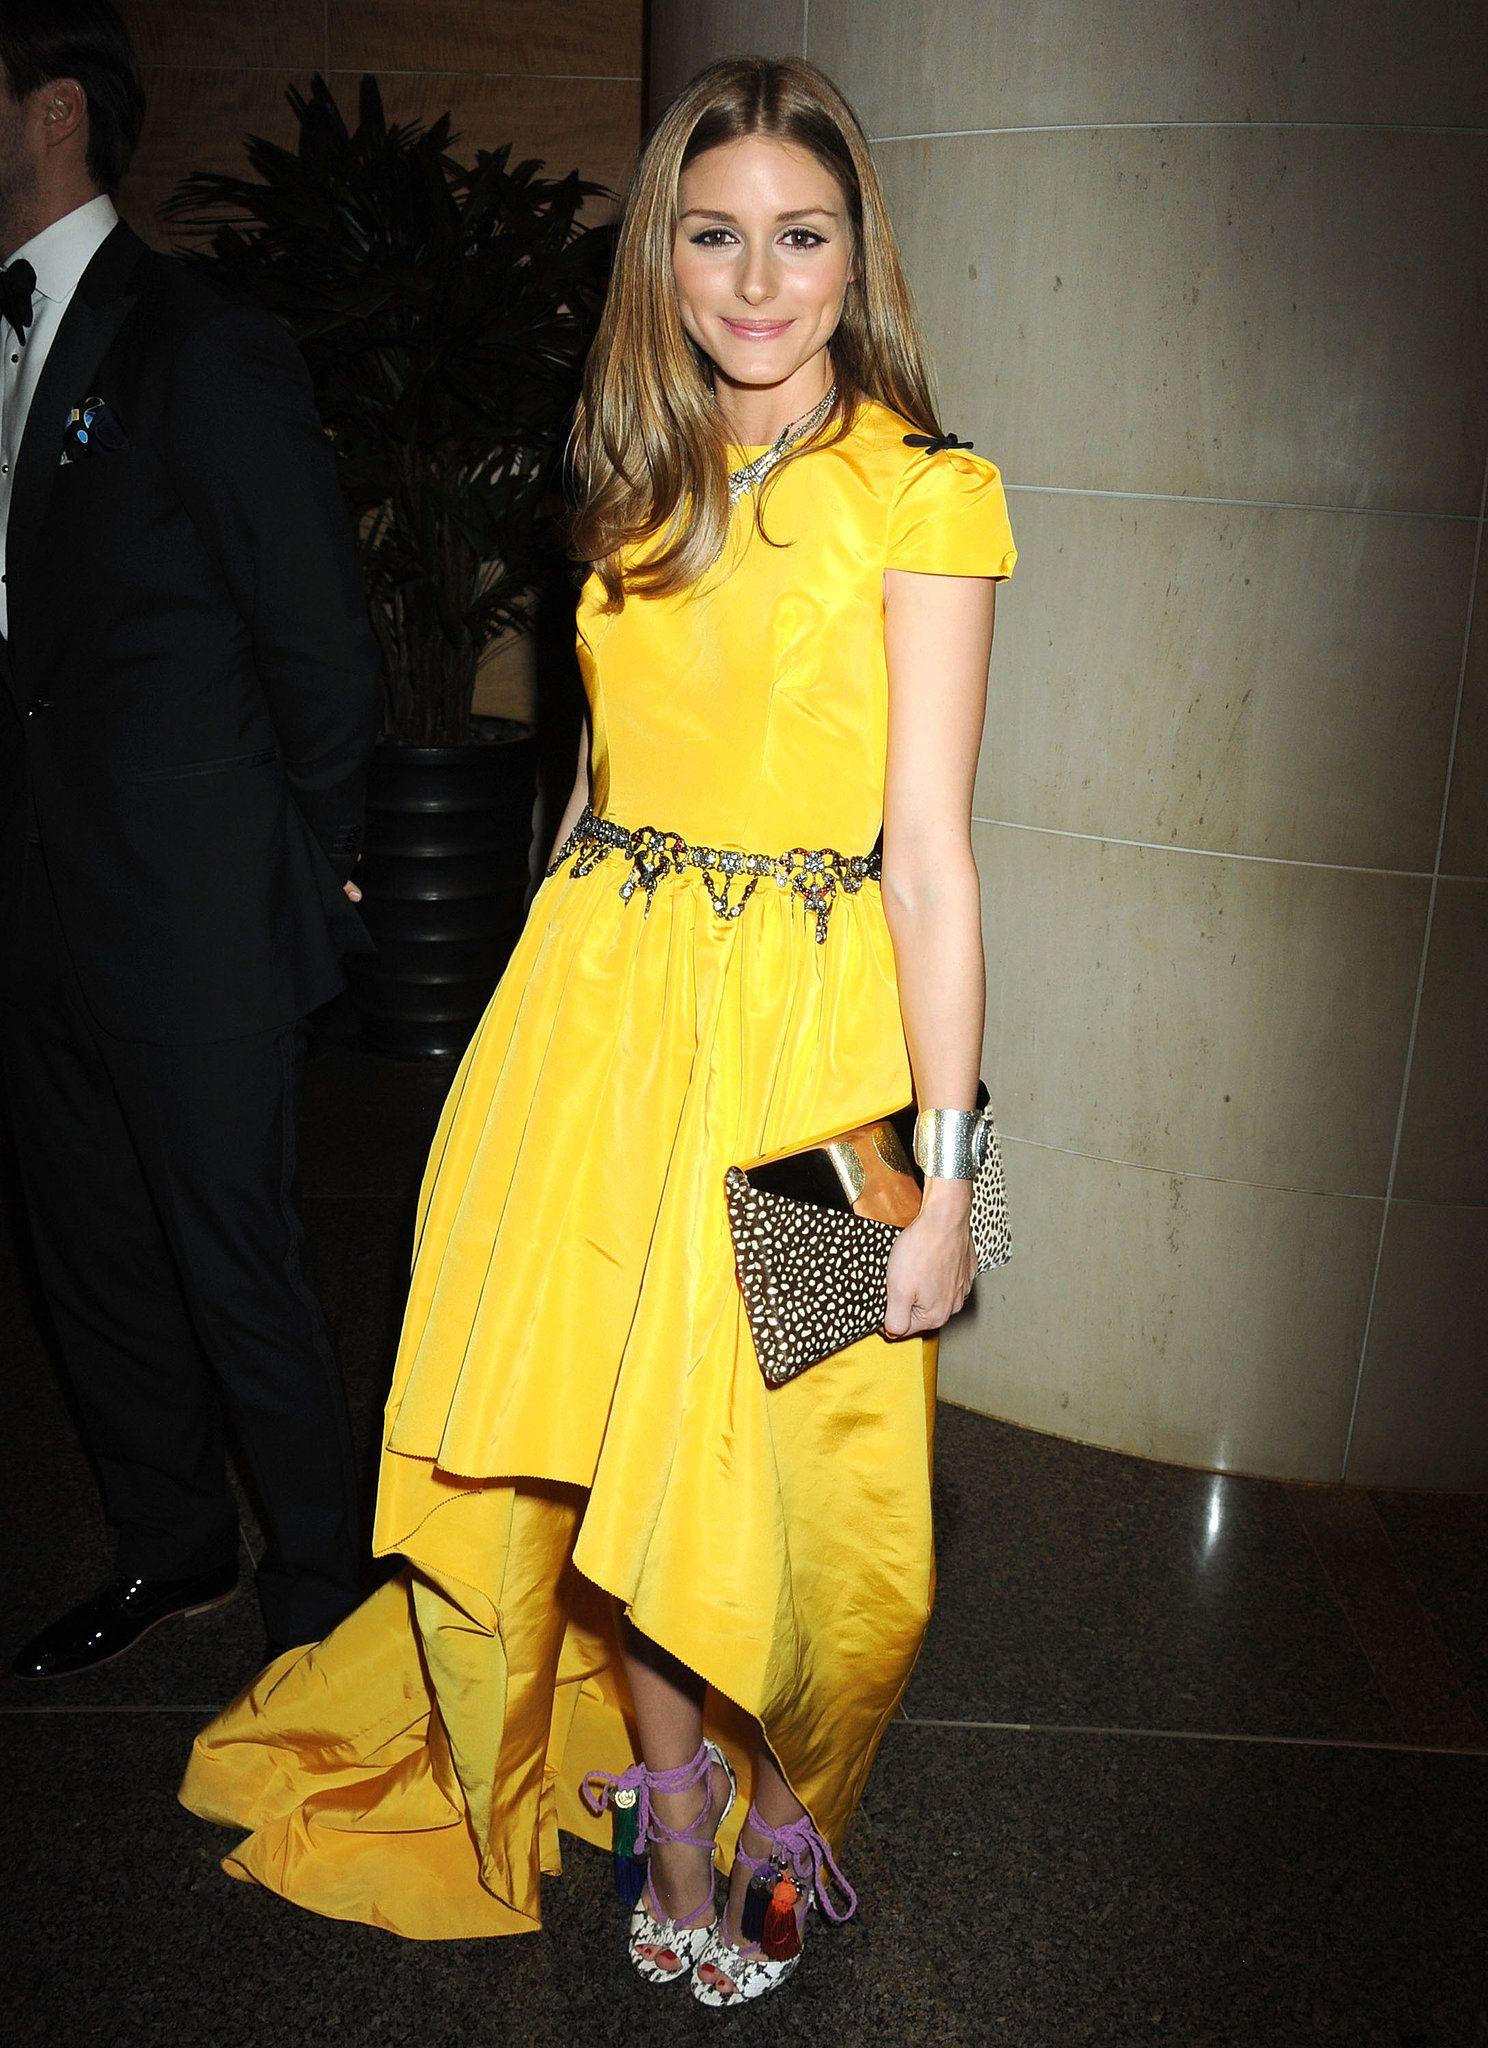 cdb65b08b6 Bello vestido amarillo con cinturón en pedrería